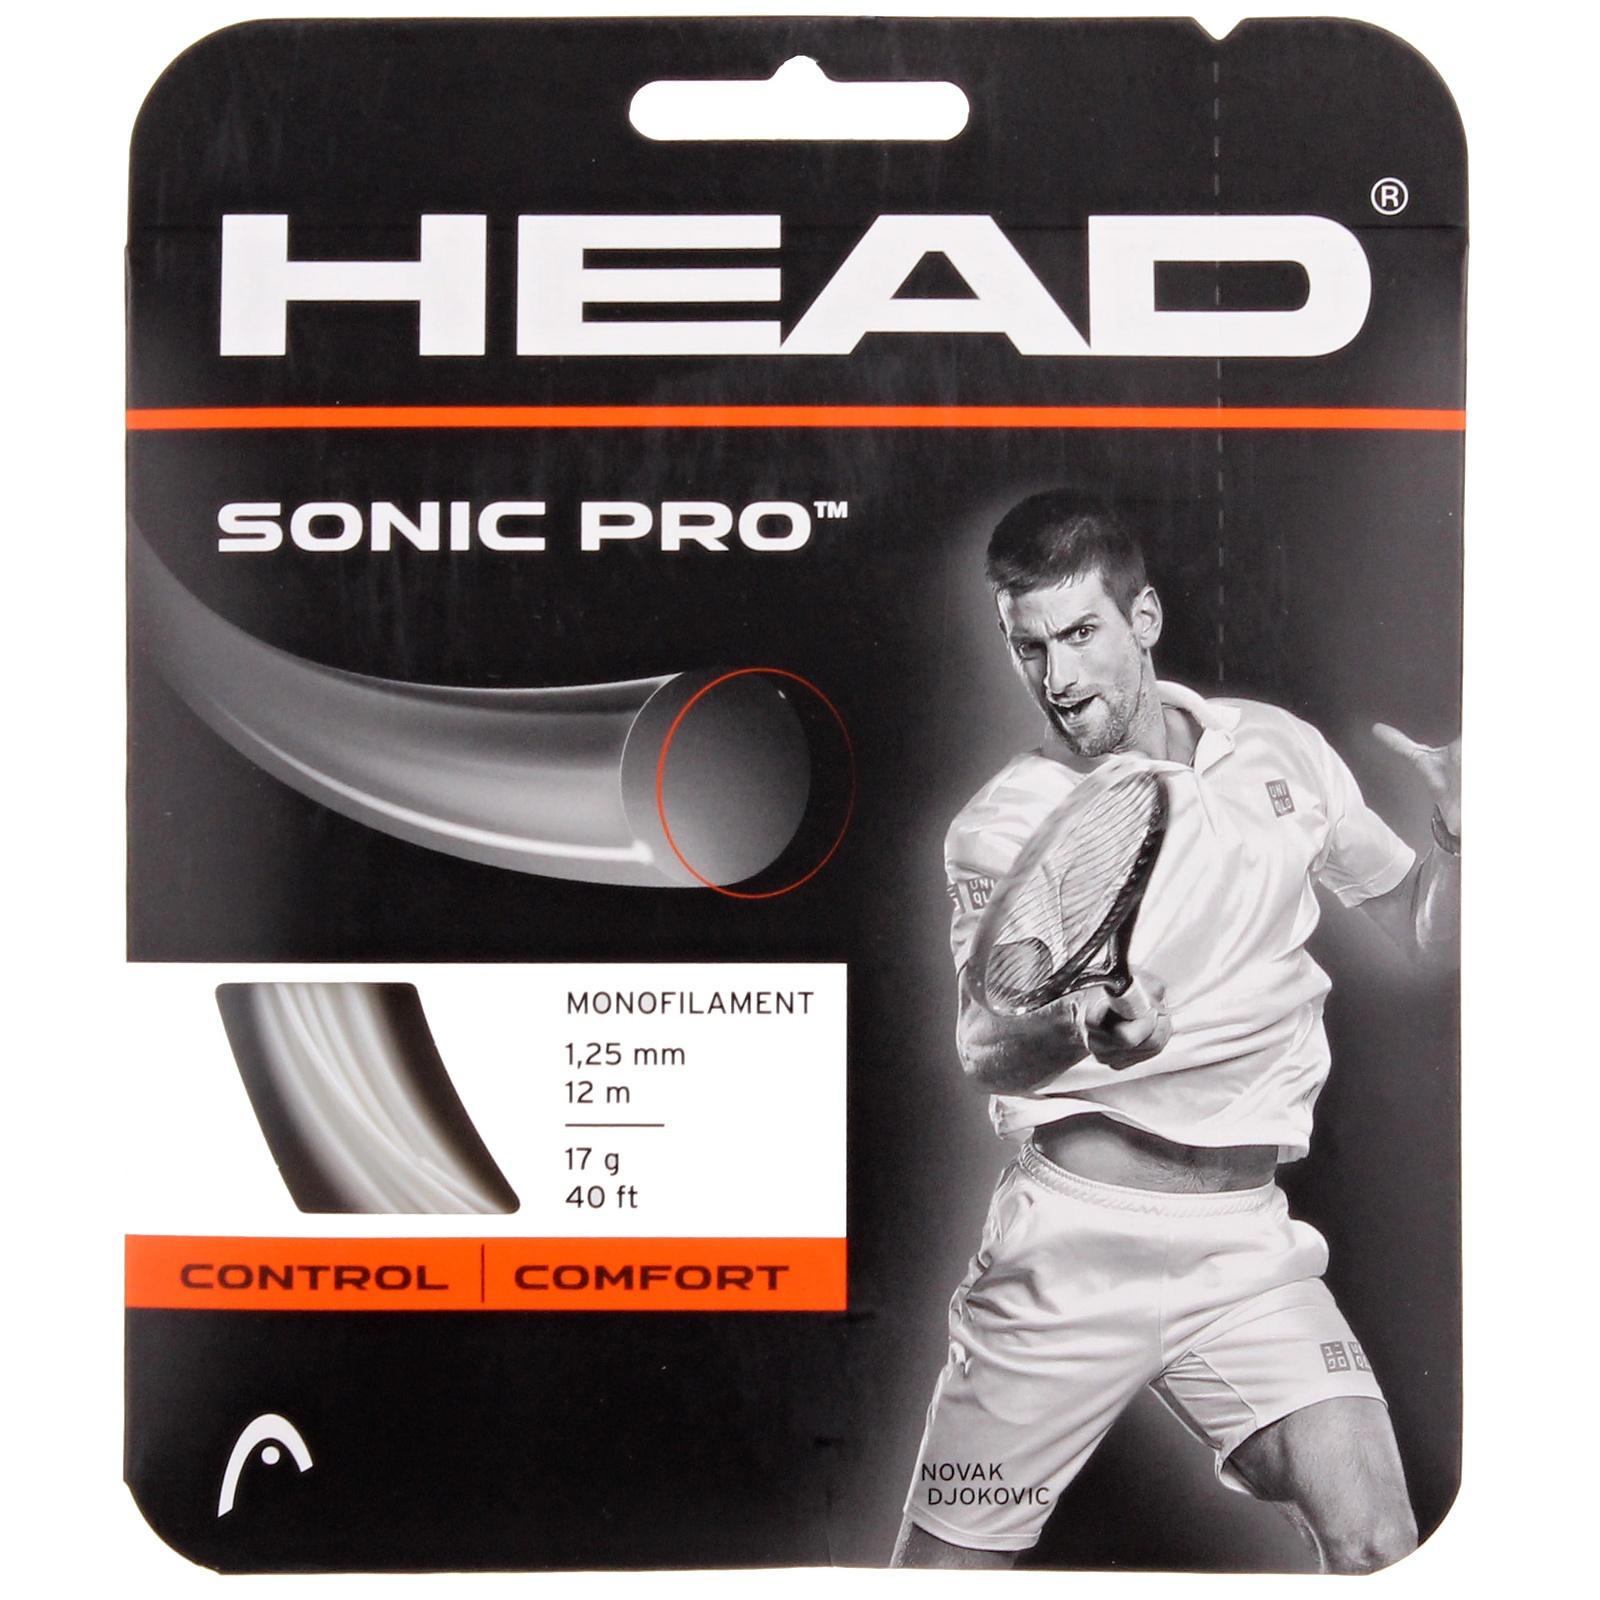 Tenisový výplet HEAD Sonic Pro 12 m, 1.25 mm bílý